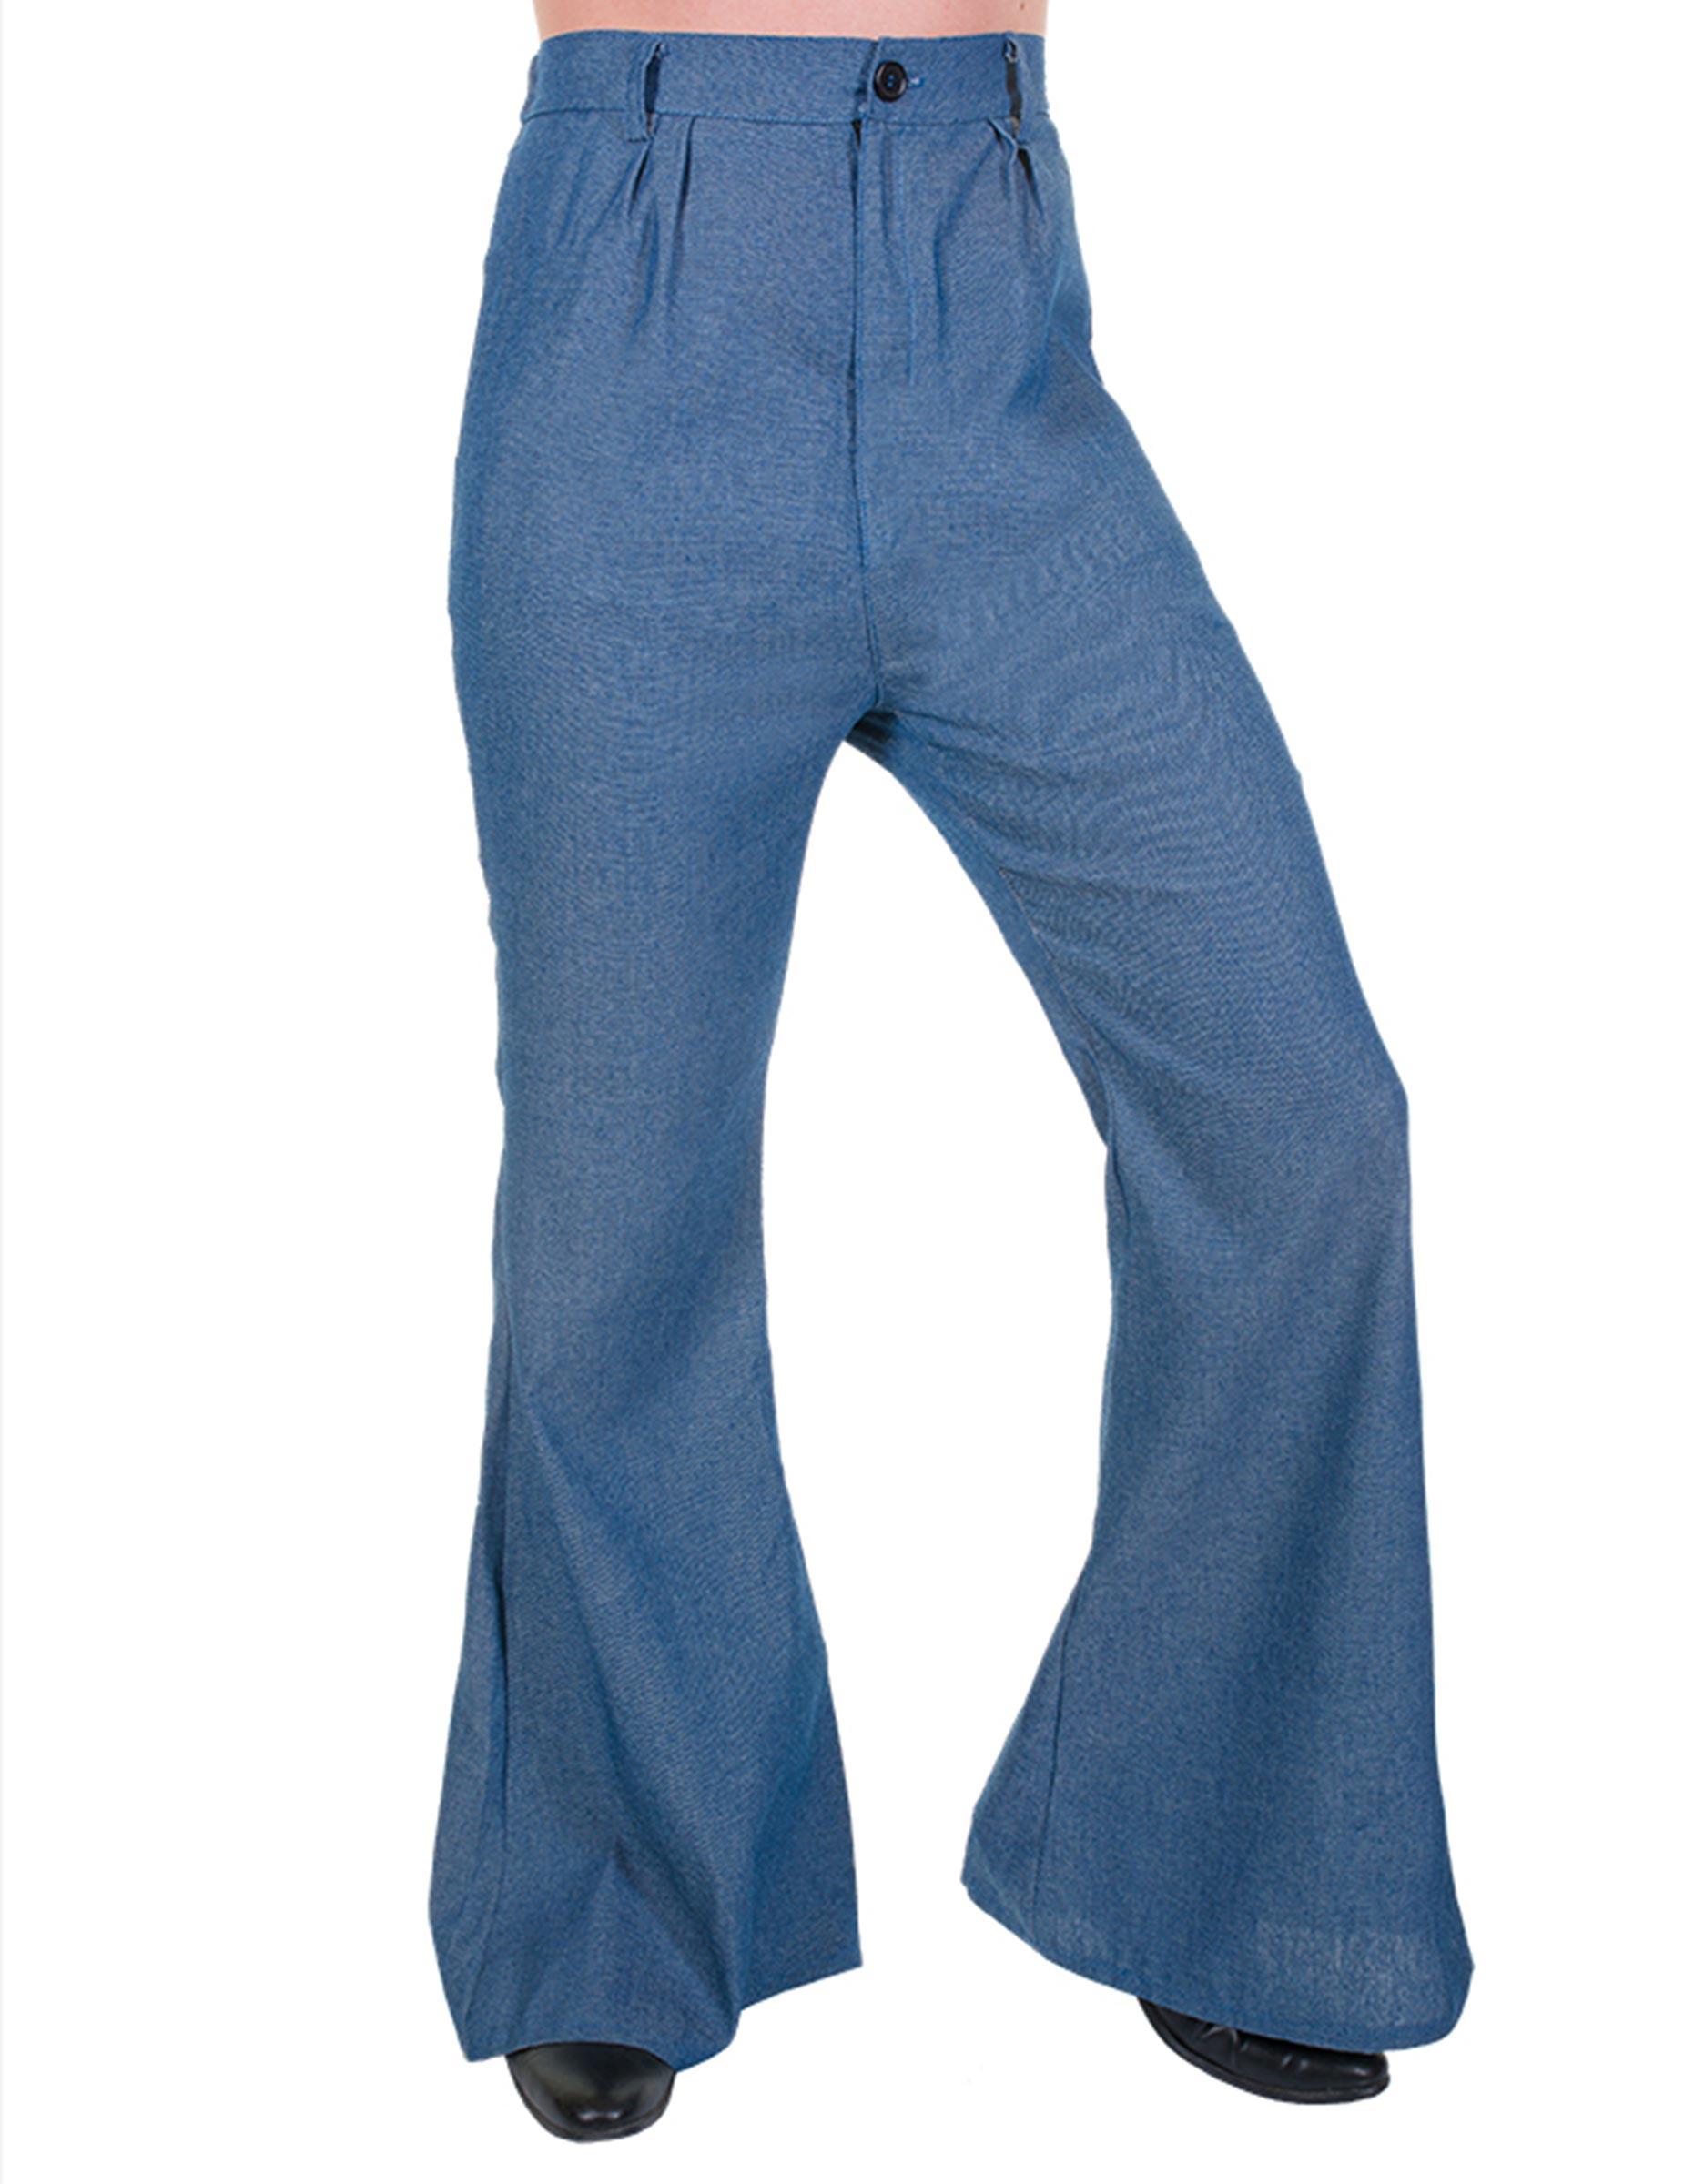 disfruta del precio de descuento linda siempre popular Pantalón de campana disco imitación vaquero Hombre